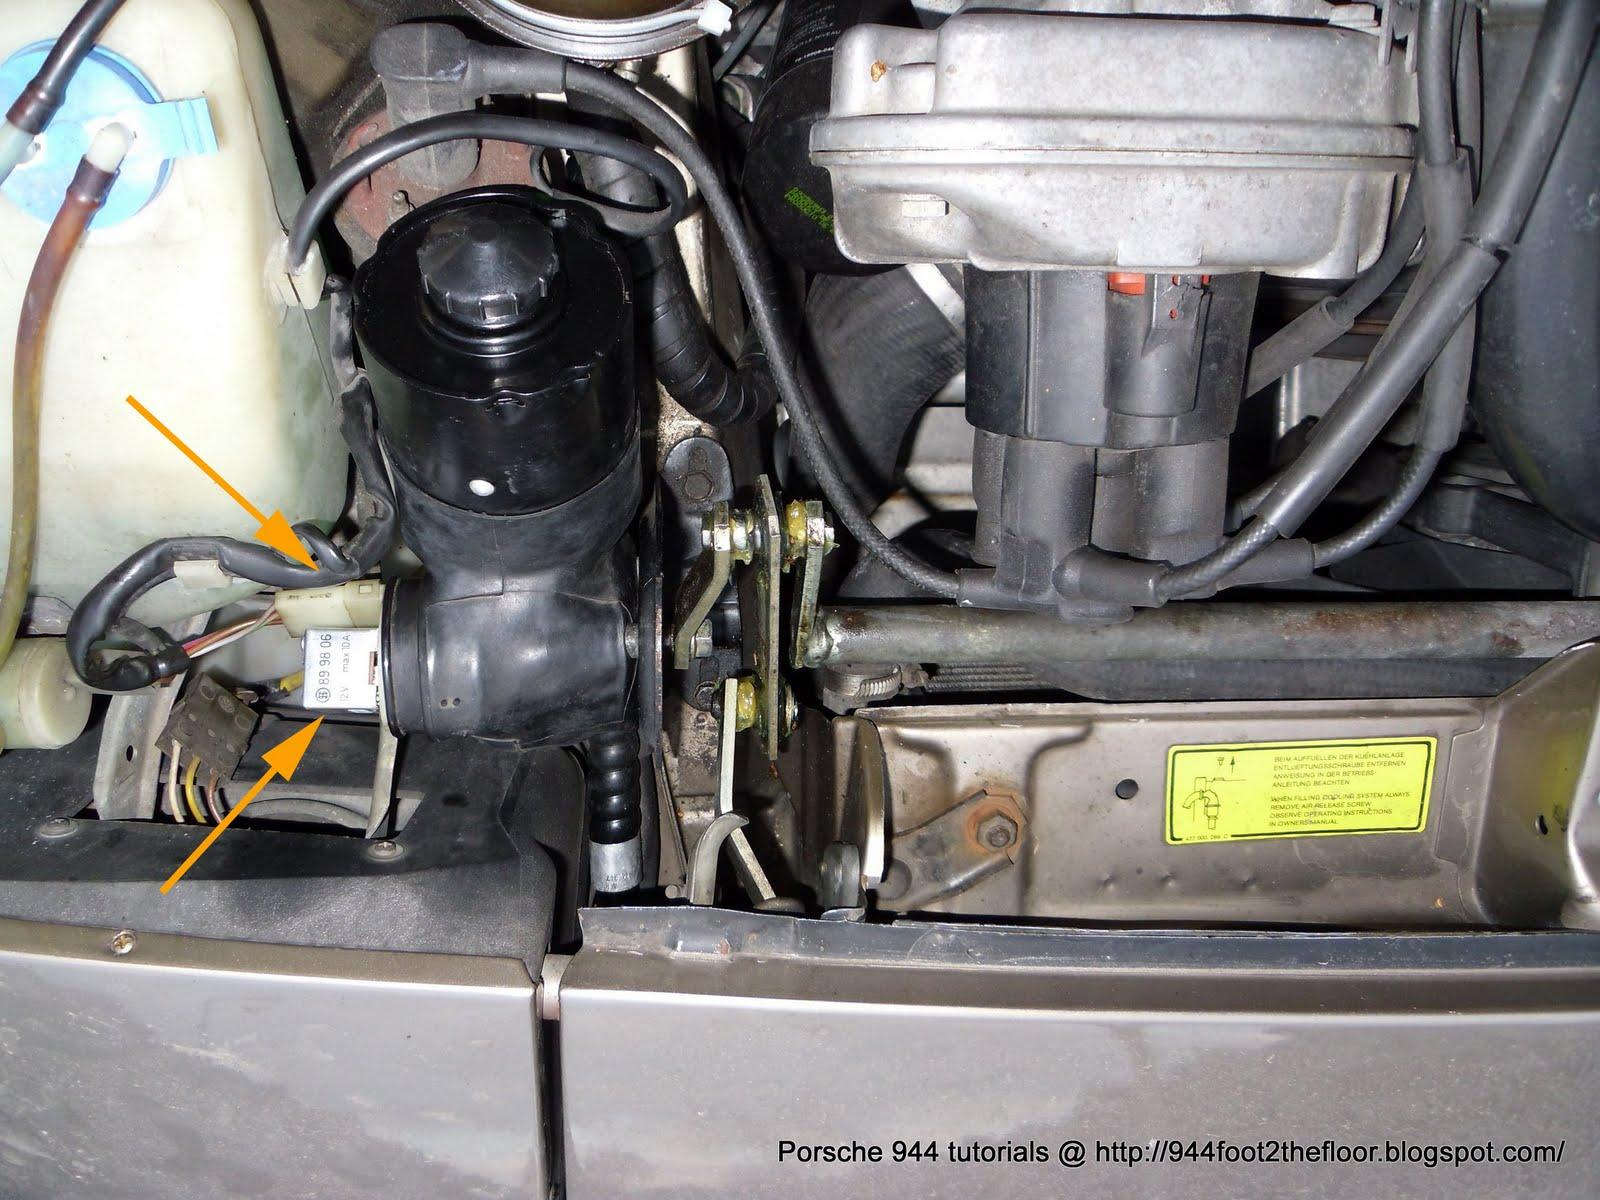 944 foot to the floor how to troubleshoot porsche 944 porsche 924 engine diagram  [ 1600 x 1200 Pixel ]